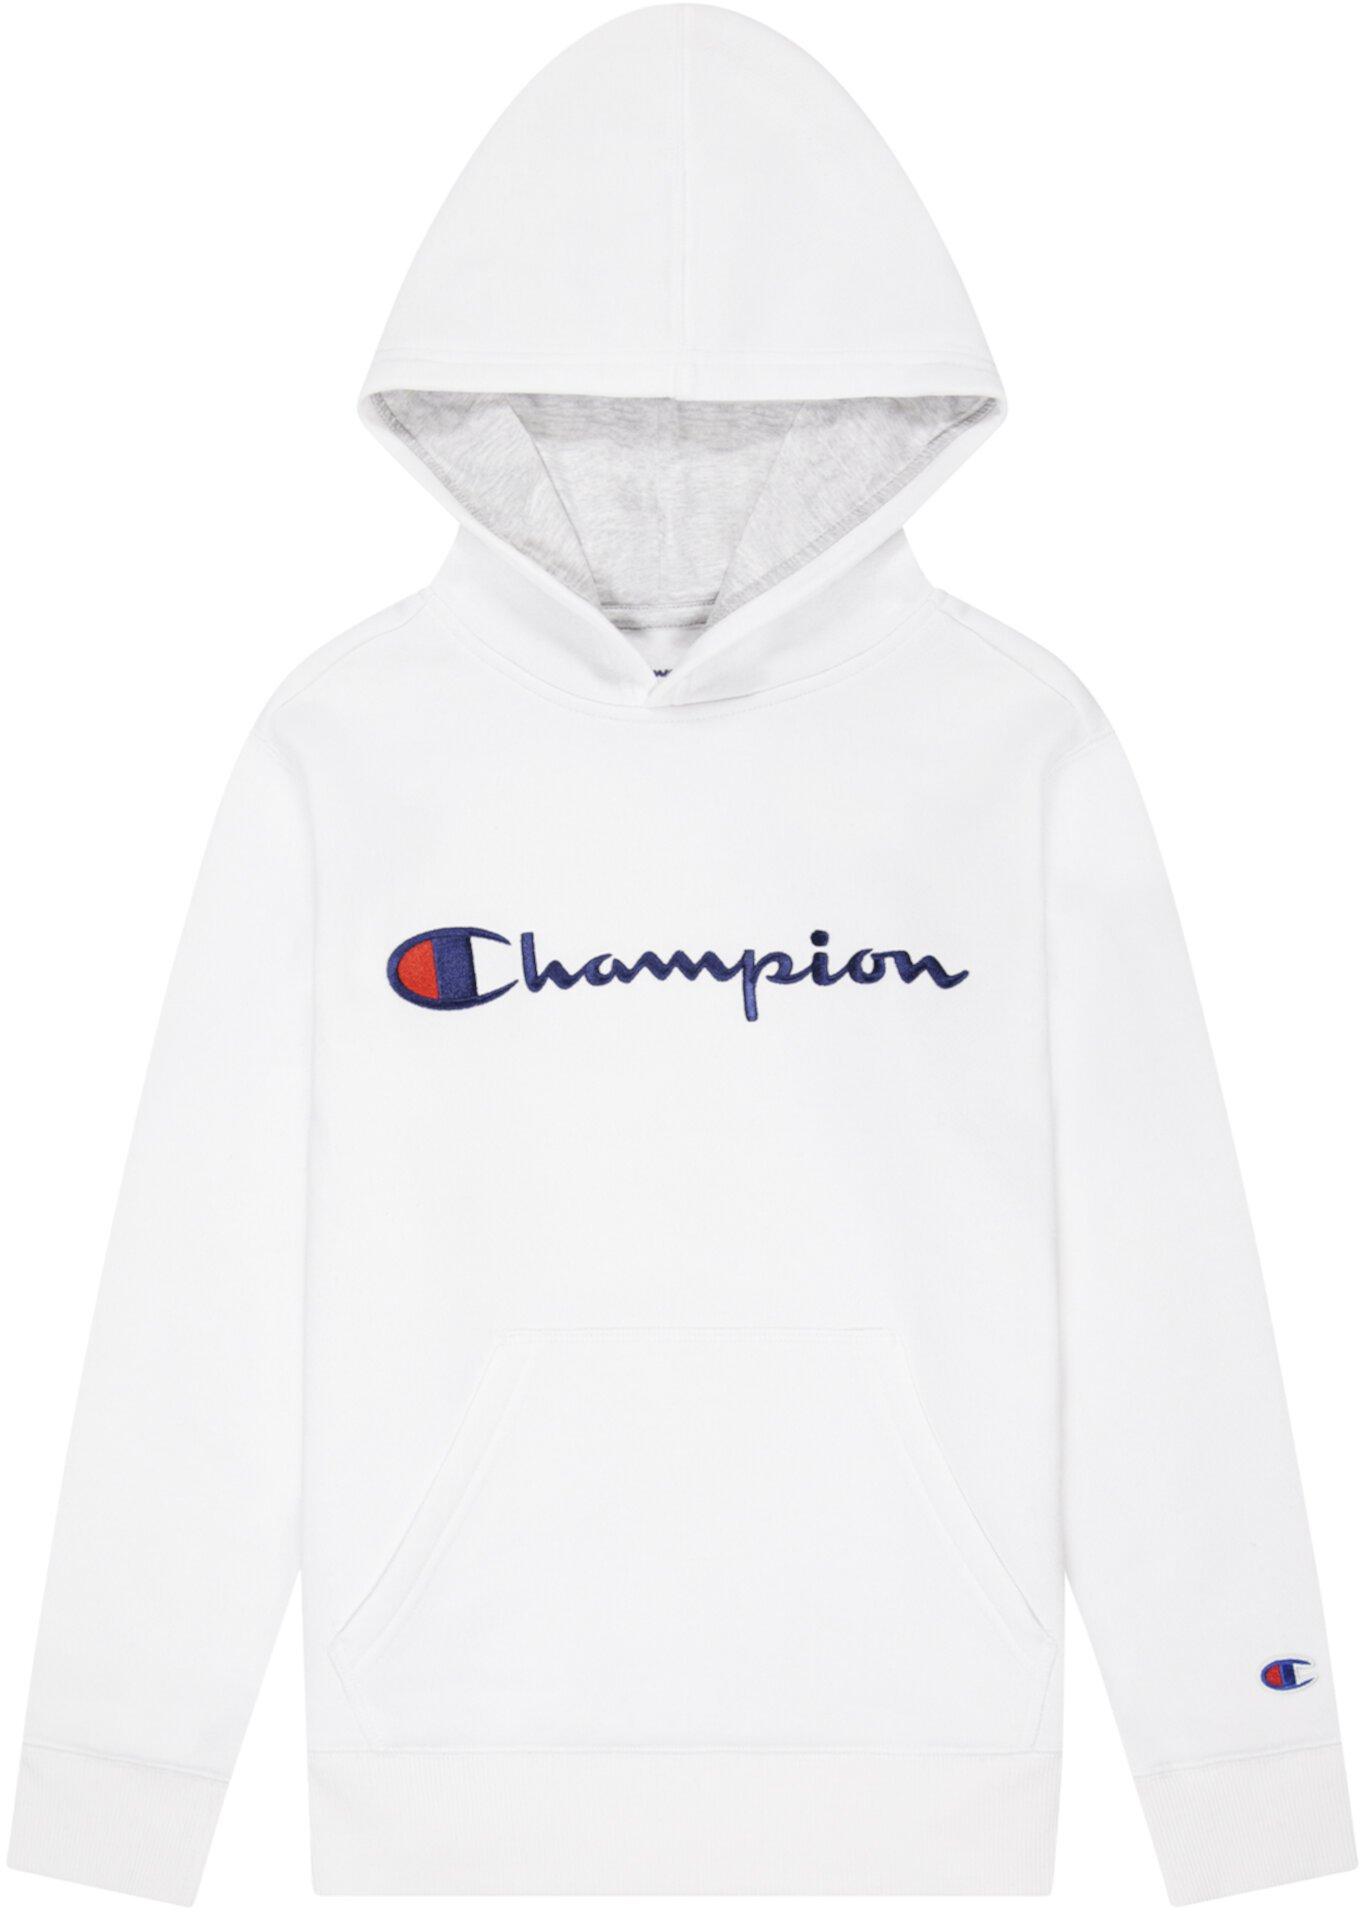 Худи из флиса Script (Big Kids) Champion Kids